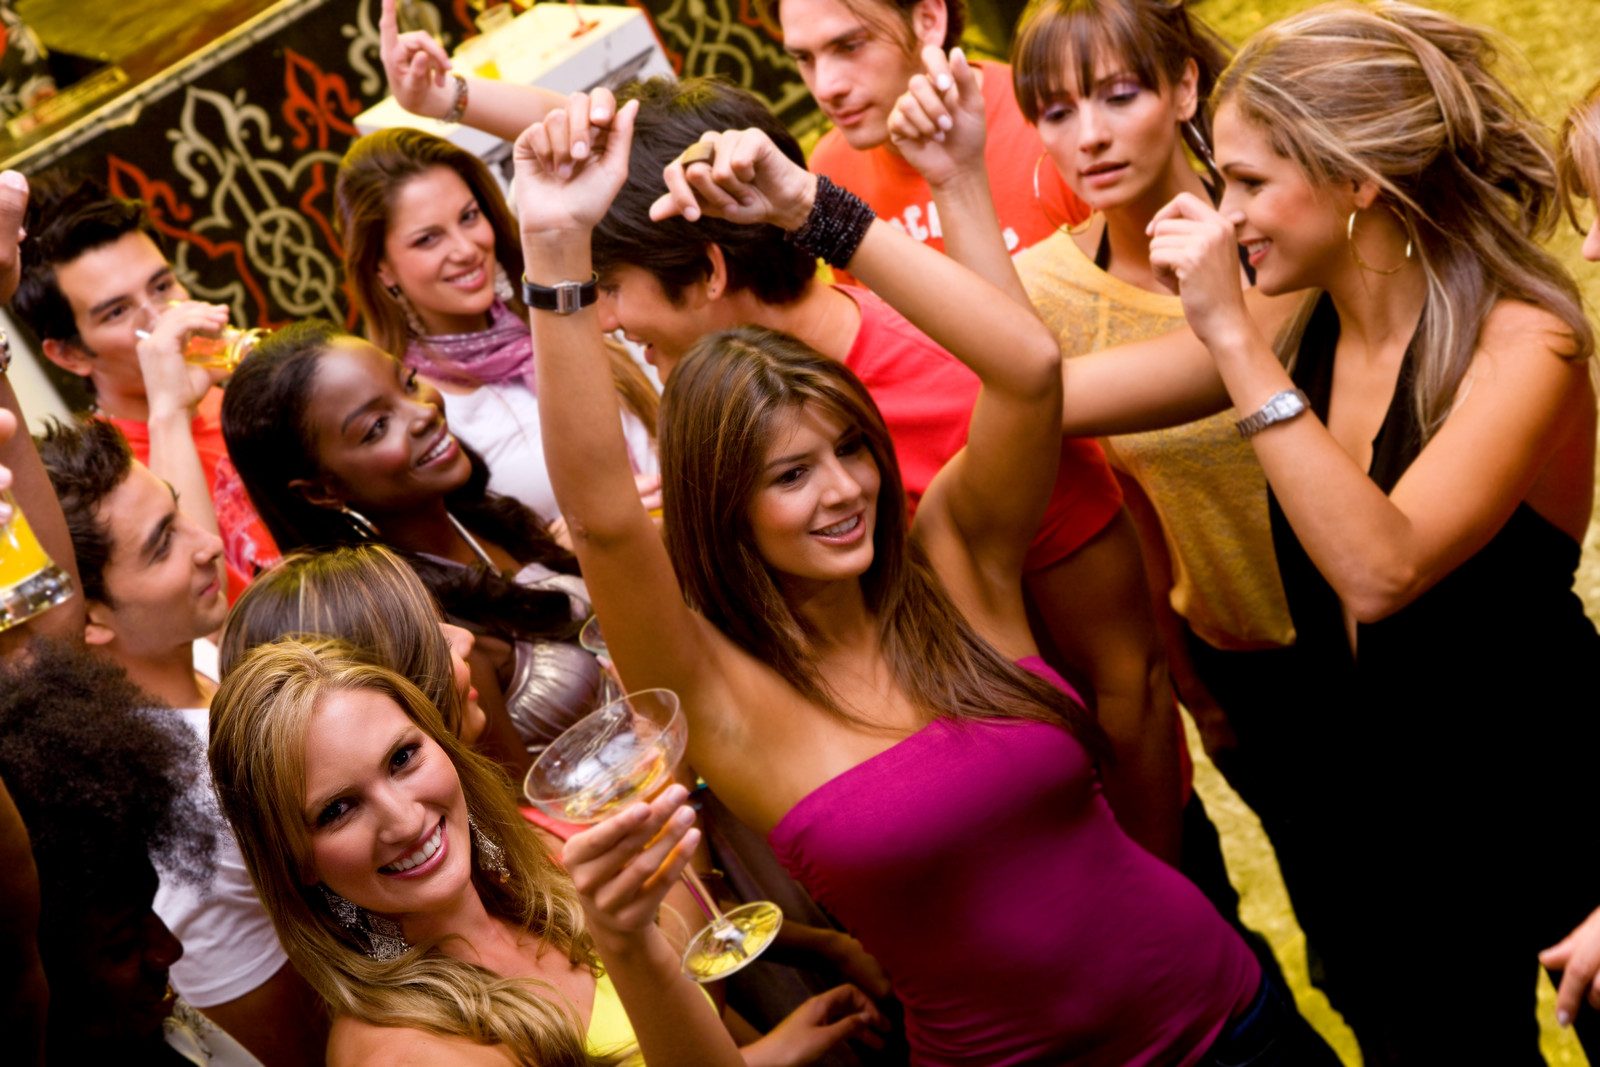 Фото закрытых вечеринок 2 фотография